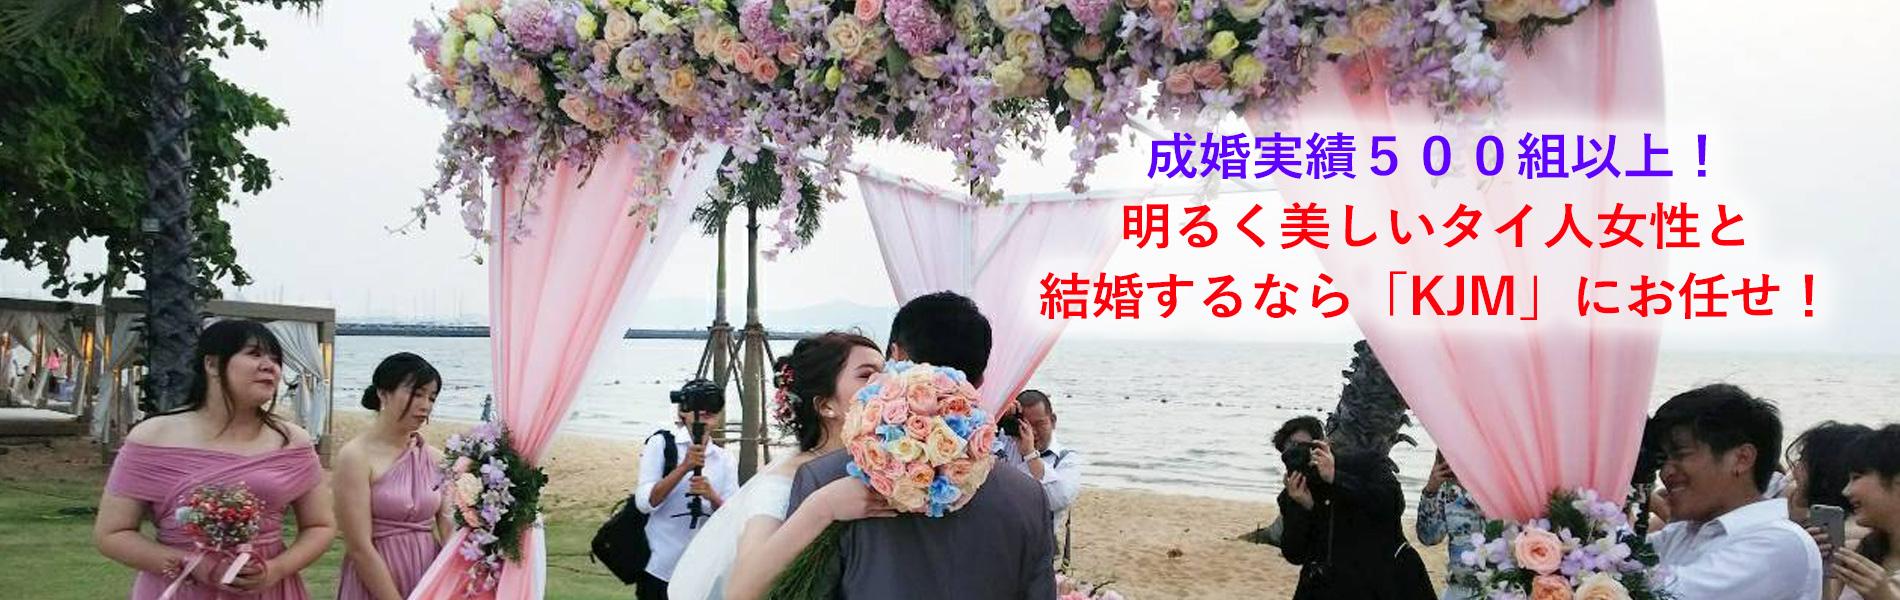 笑顔が素敵な若くて美しいタイ女性と 結婚するなら「KJM」にお任せ!